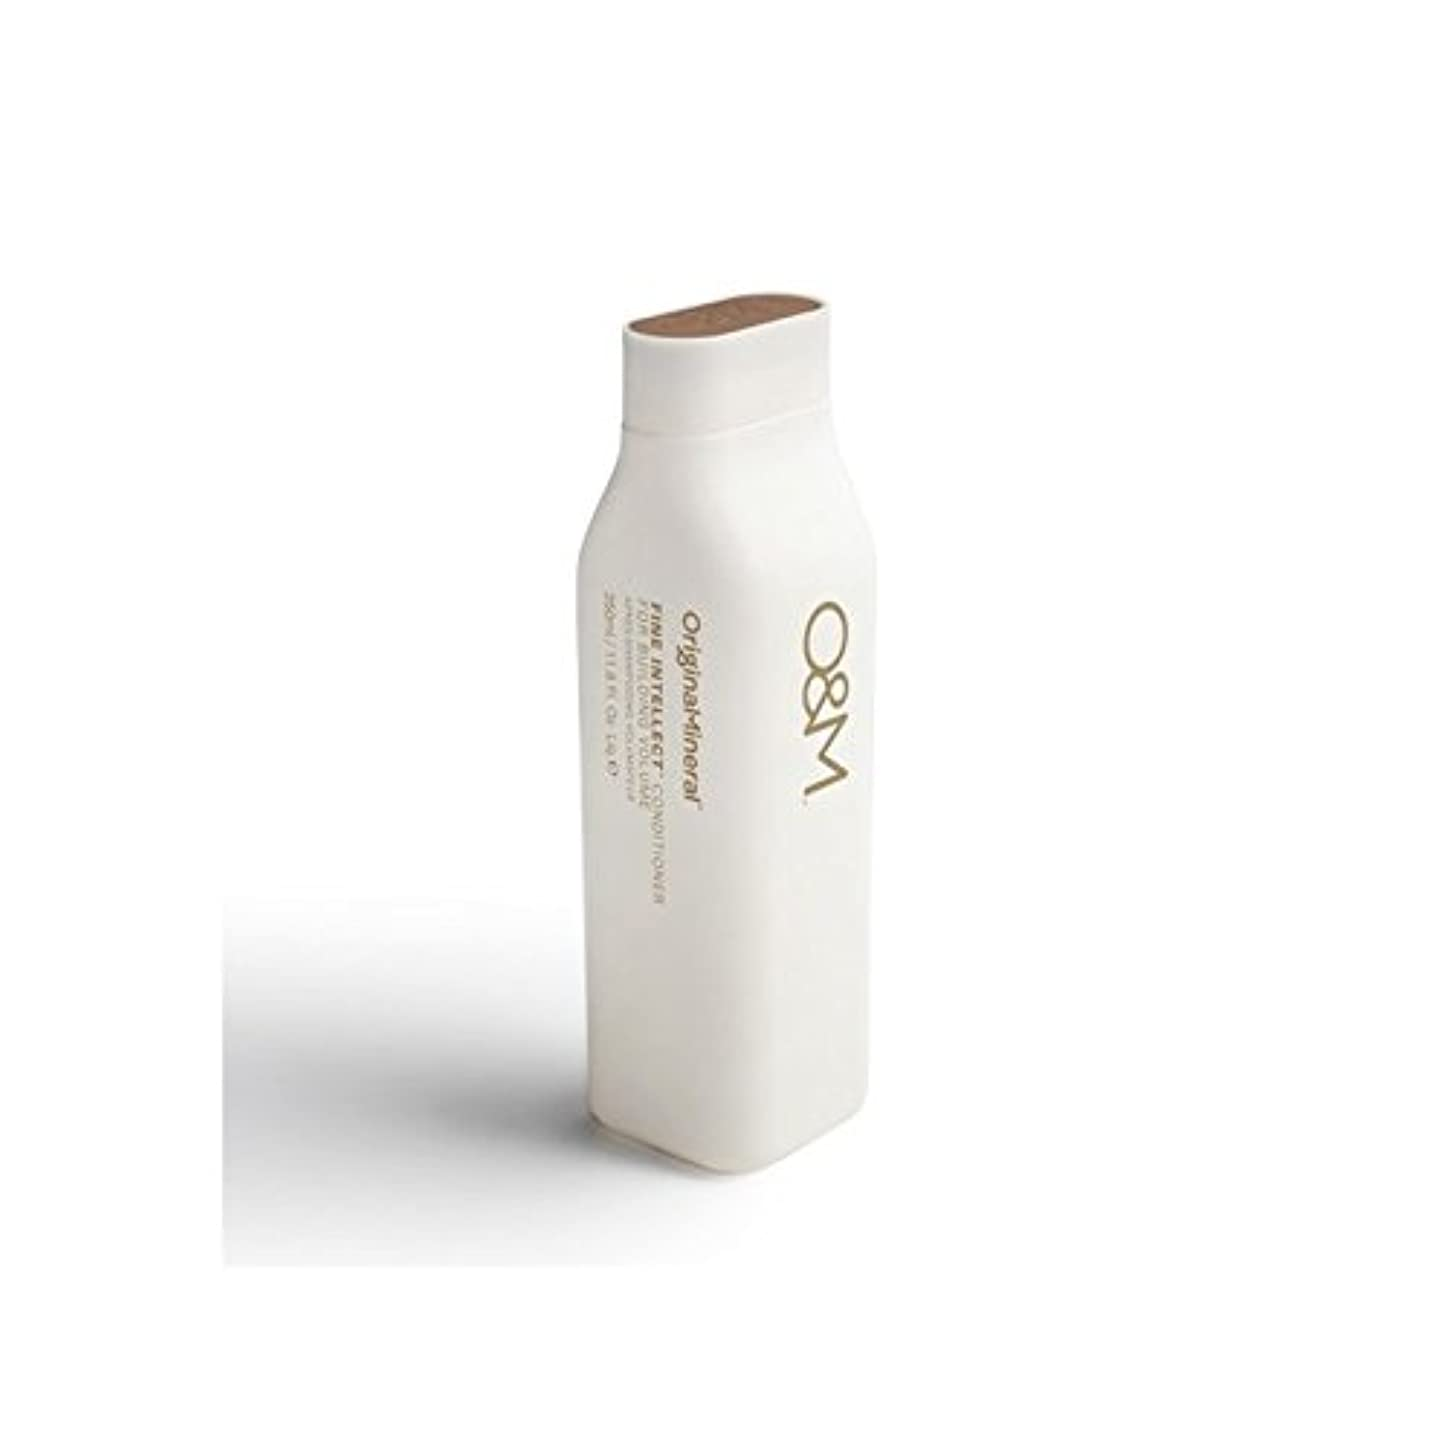 陰謀語盗難オリジナル&ミネラル細かい知性コンディショナー(350ミリリットル) x2 - Original & Mineral Fine Intellect Conditioner (350ml) (Pack of 2) [並行輸入品]